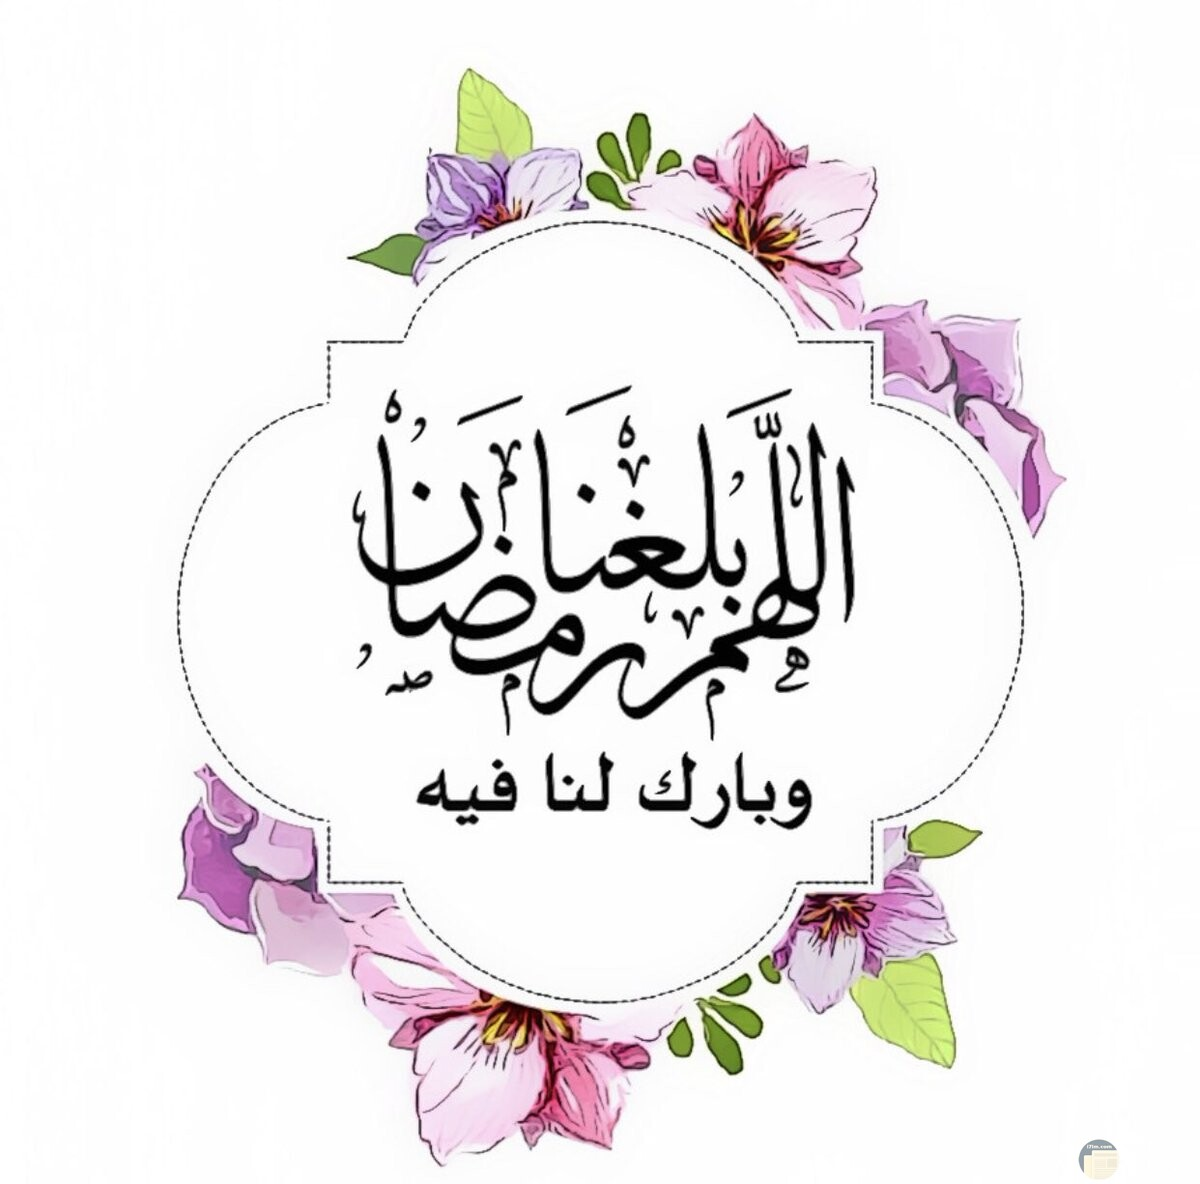 اللهم بلغنا رمضان.